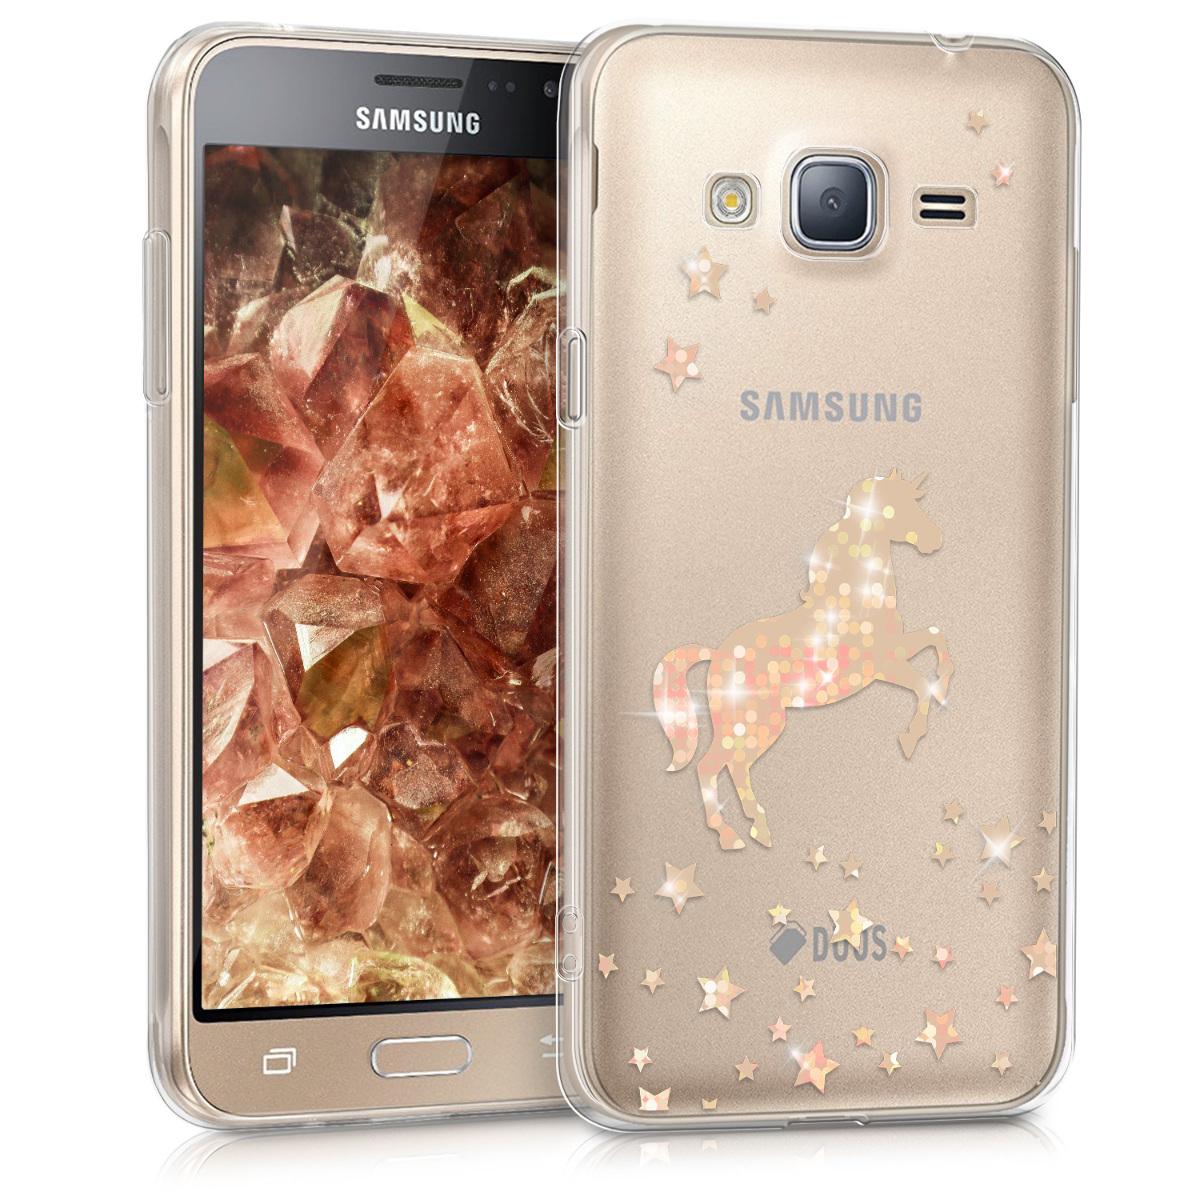 Kvalitní silikonové TPU pouzdro pro Samsung J3 (2016) DUOS - Unicorn starorůžové rosegold / transparentní